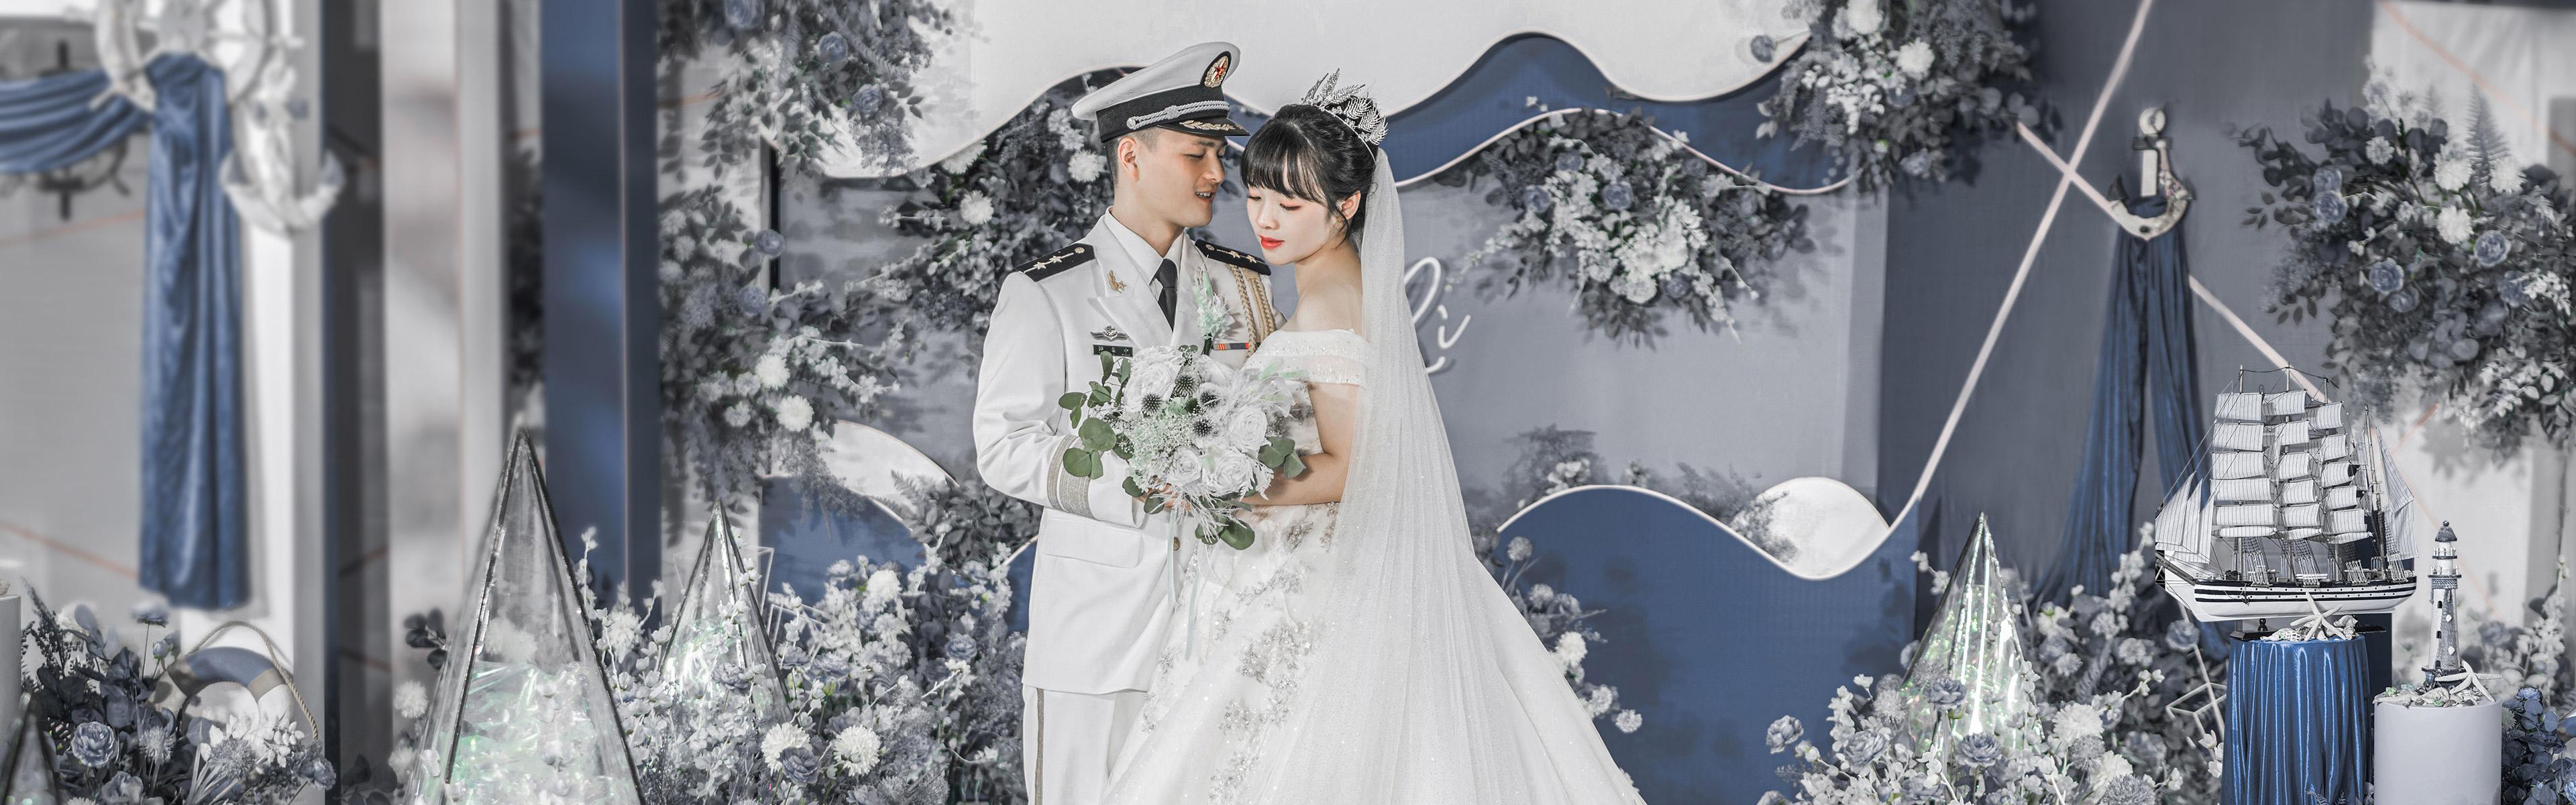 安义县婚庆策划案例:港湾 | 湖南 常德